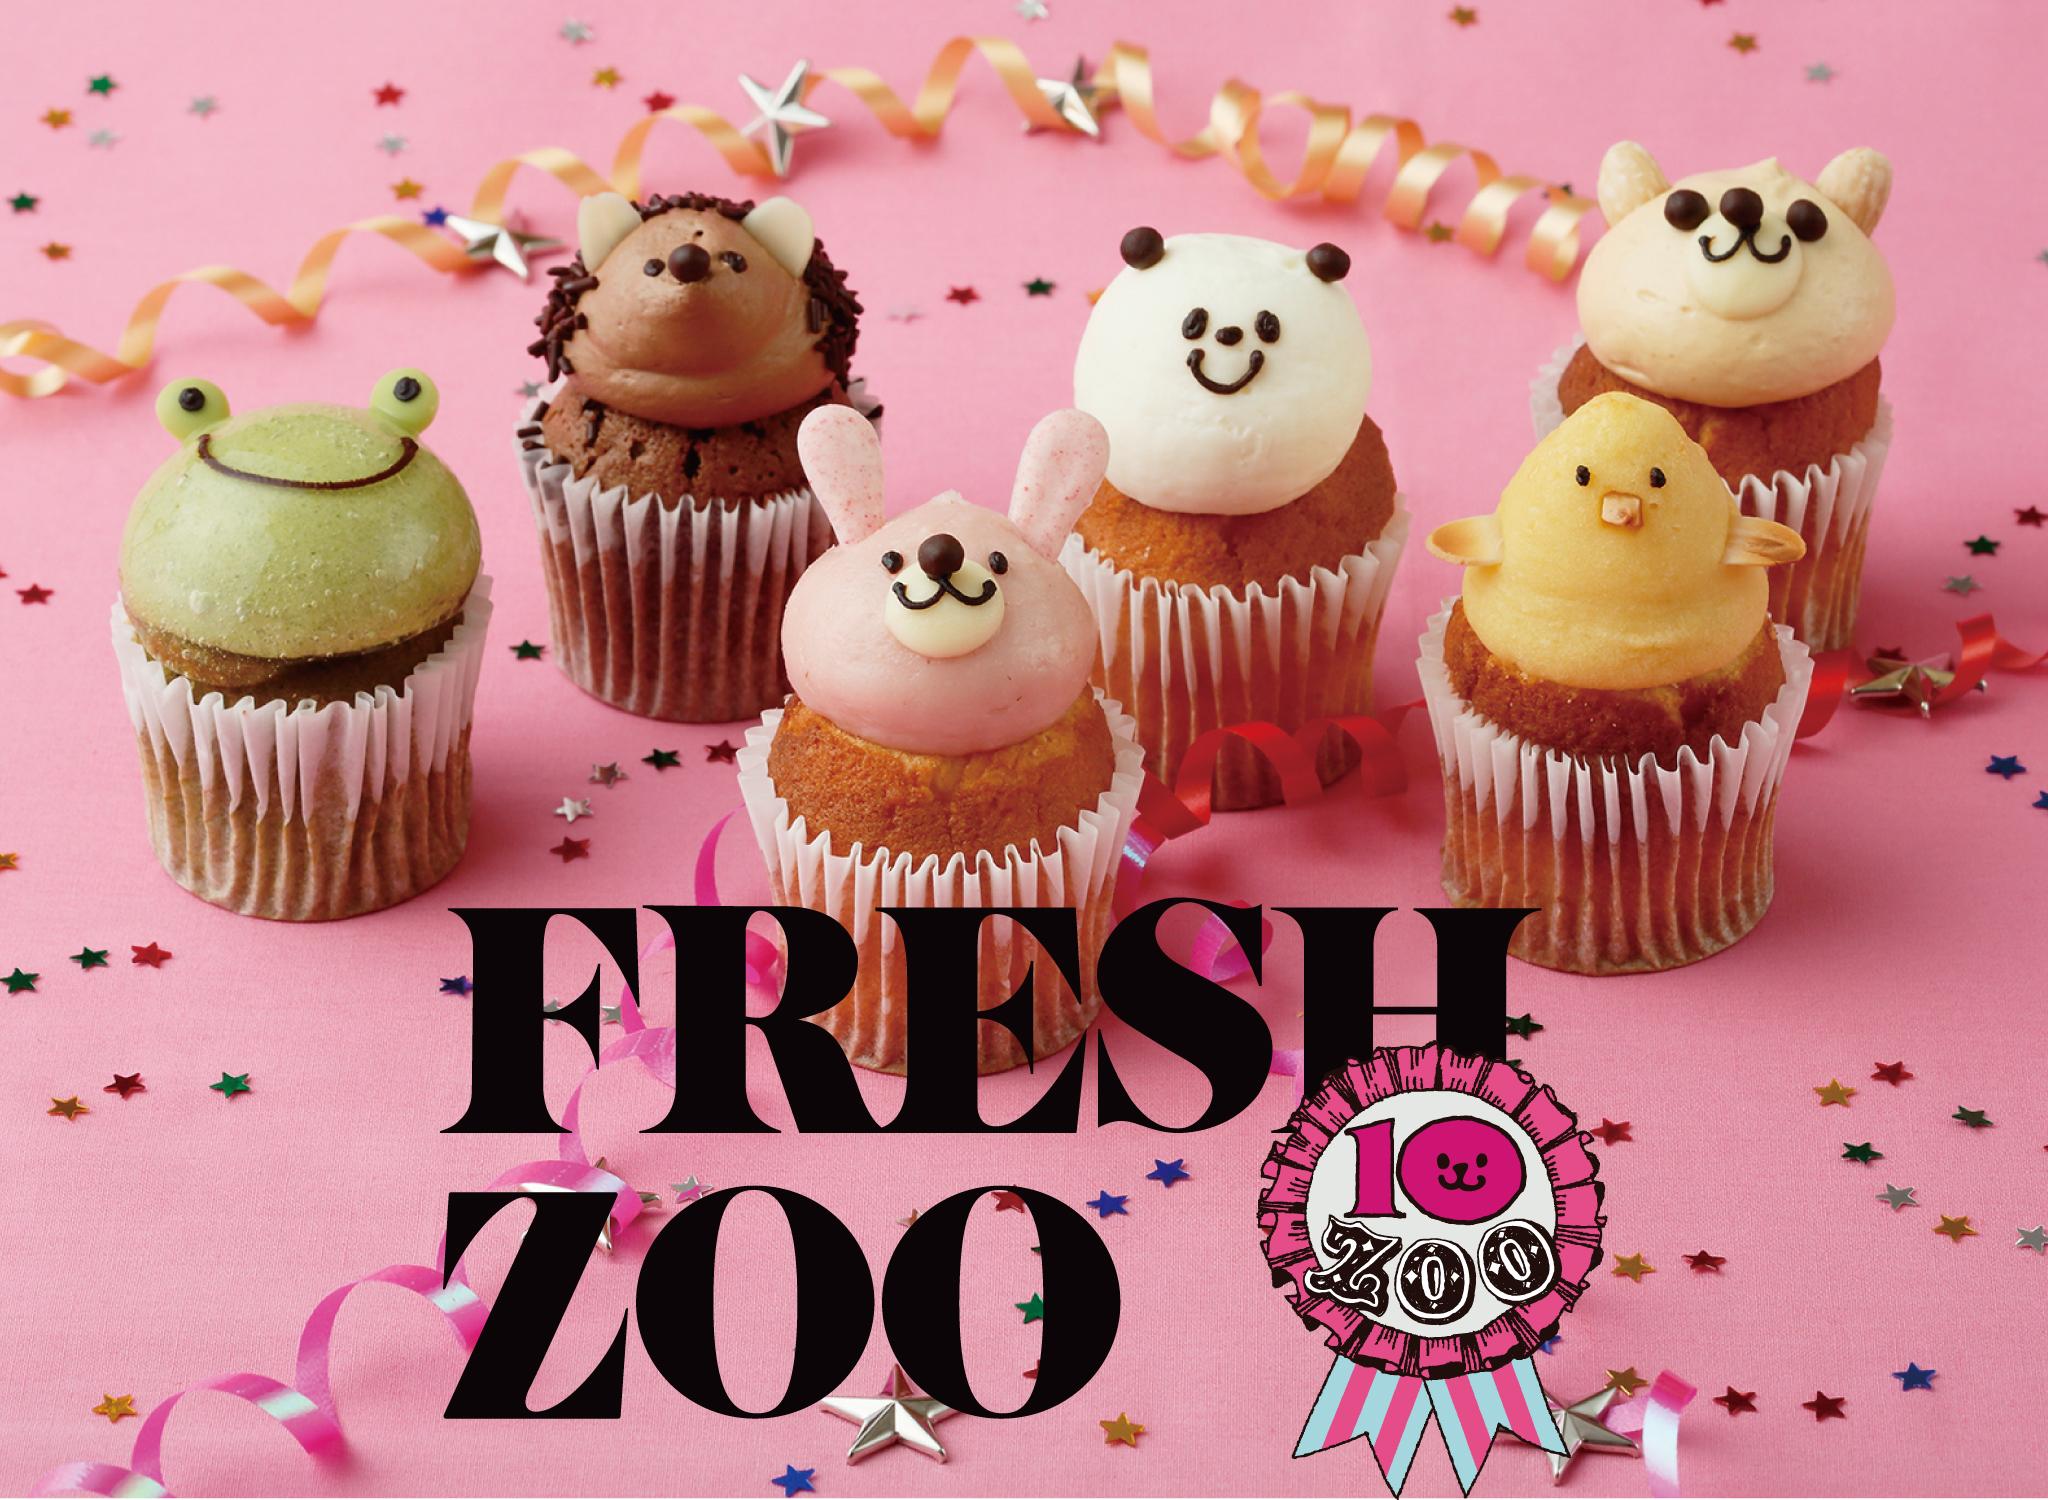 【フェアリーケーキフェア】10周年記念にかわいい動物カップケーキが登場